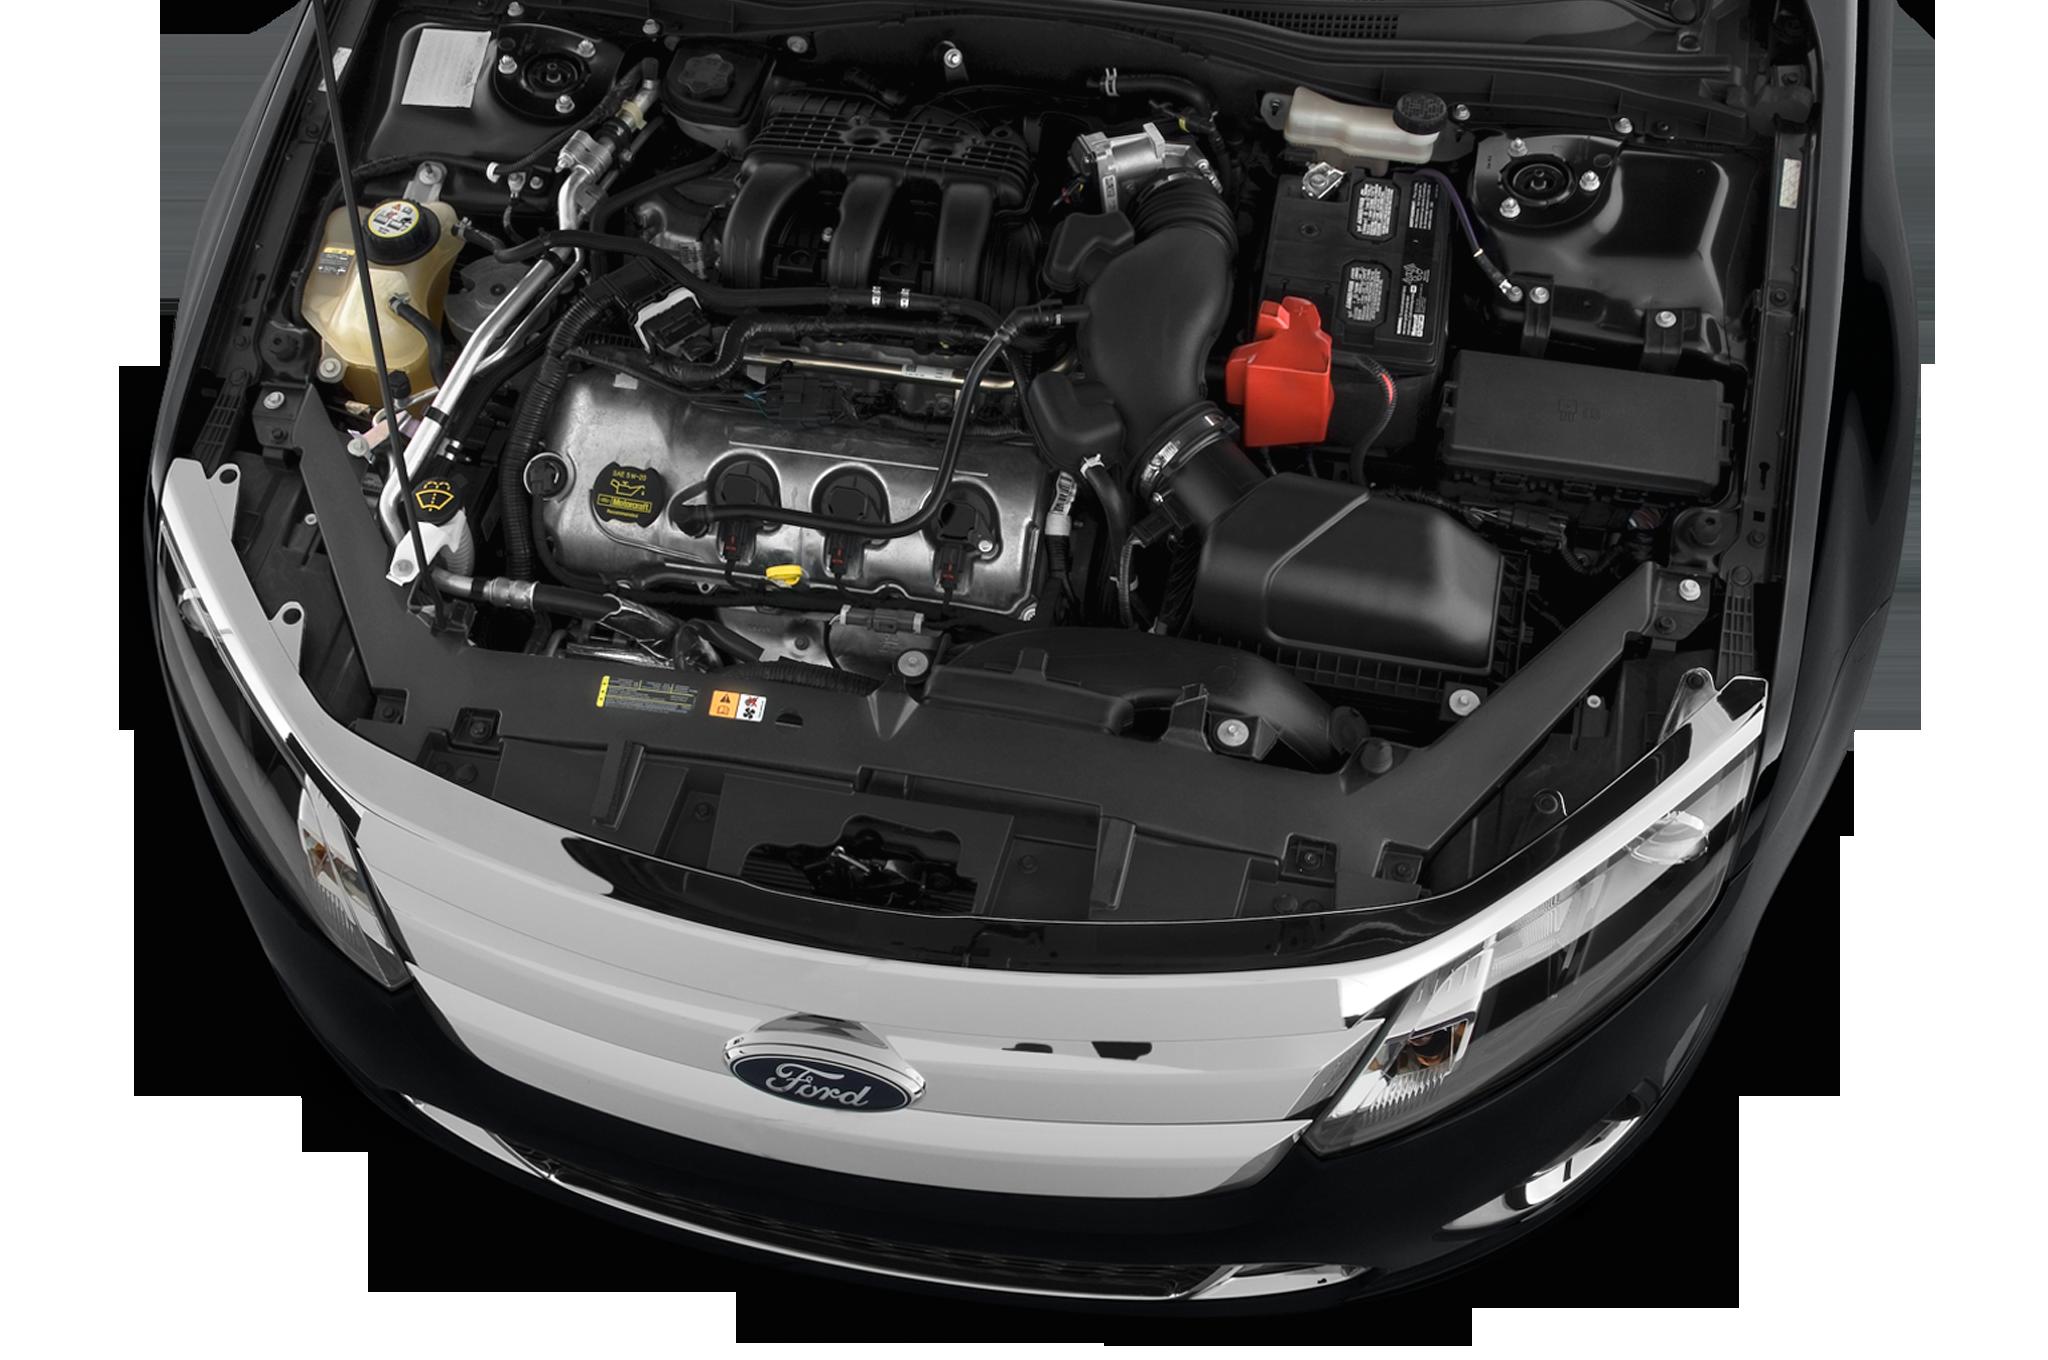 2010 Ford Fusion 2008 LA Auto Show Coverage New Car Reviews